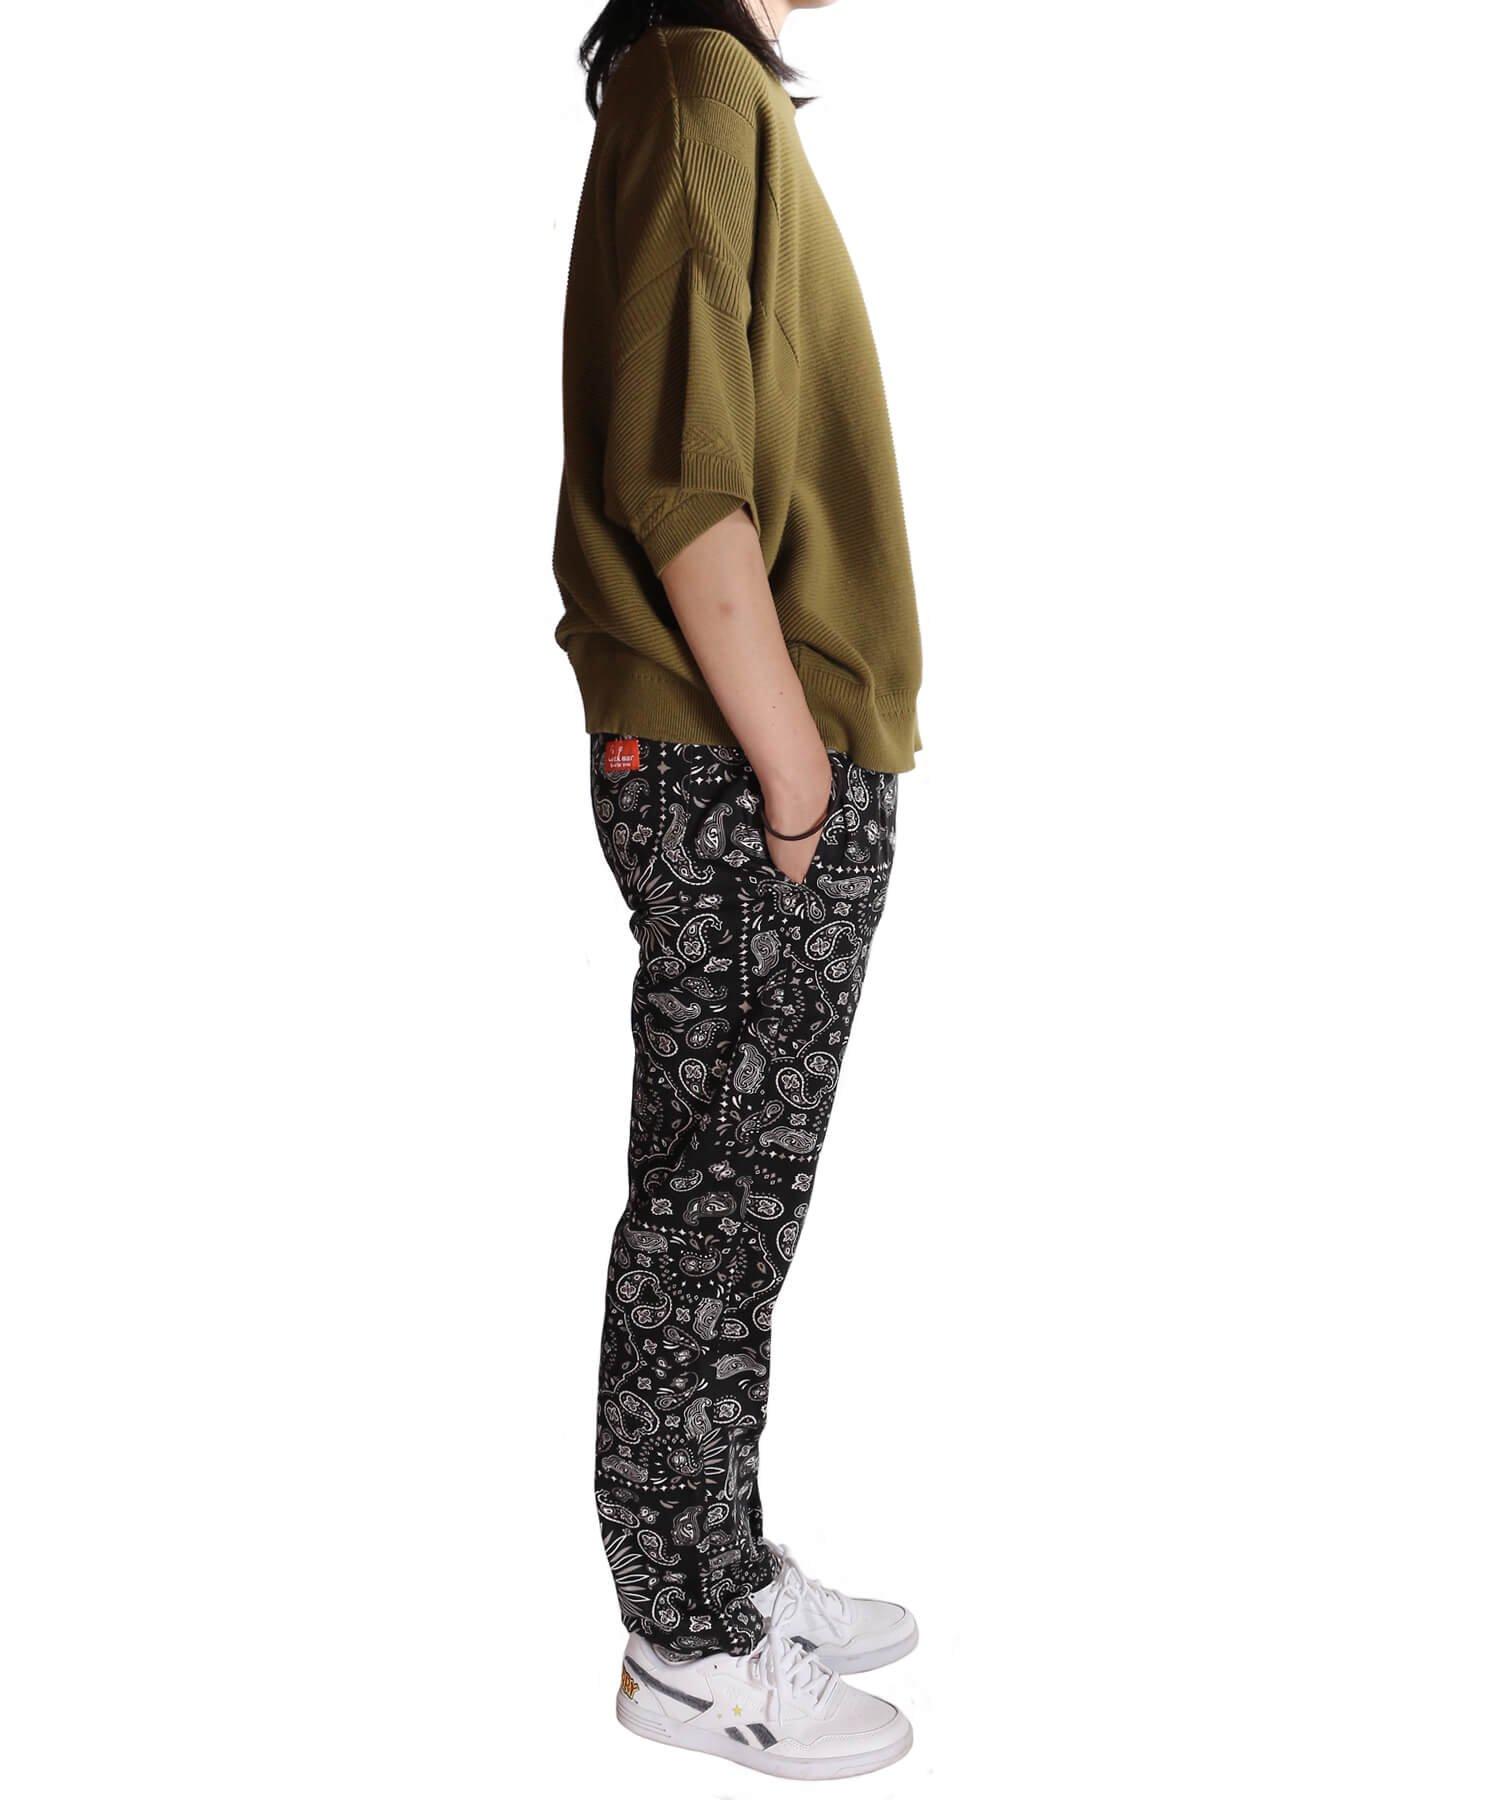 COOKMAN / クックマン   WAITER'S PANTS (PAISLEY BLACK):ウェイターズパンツ 商品画像15